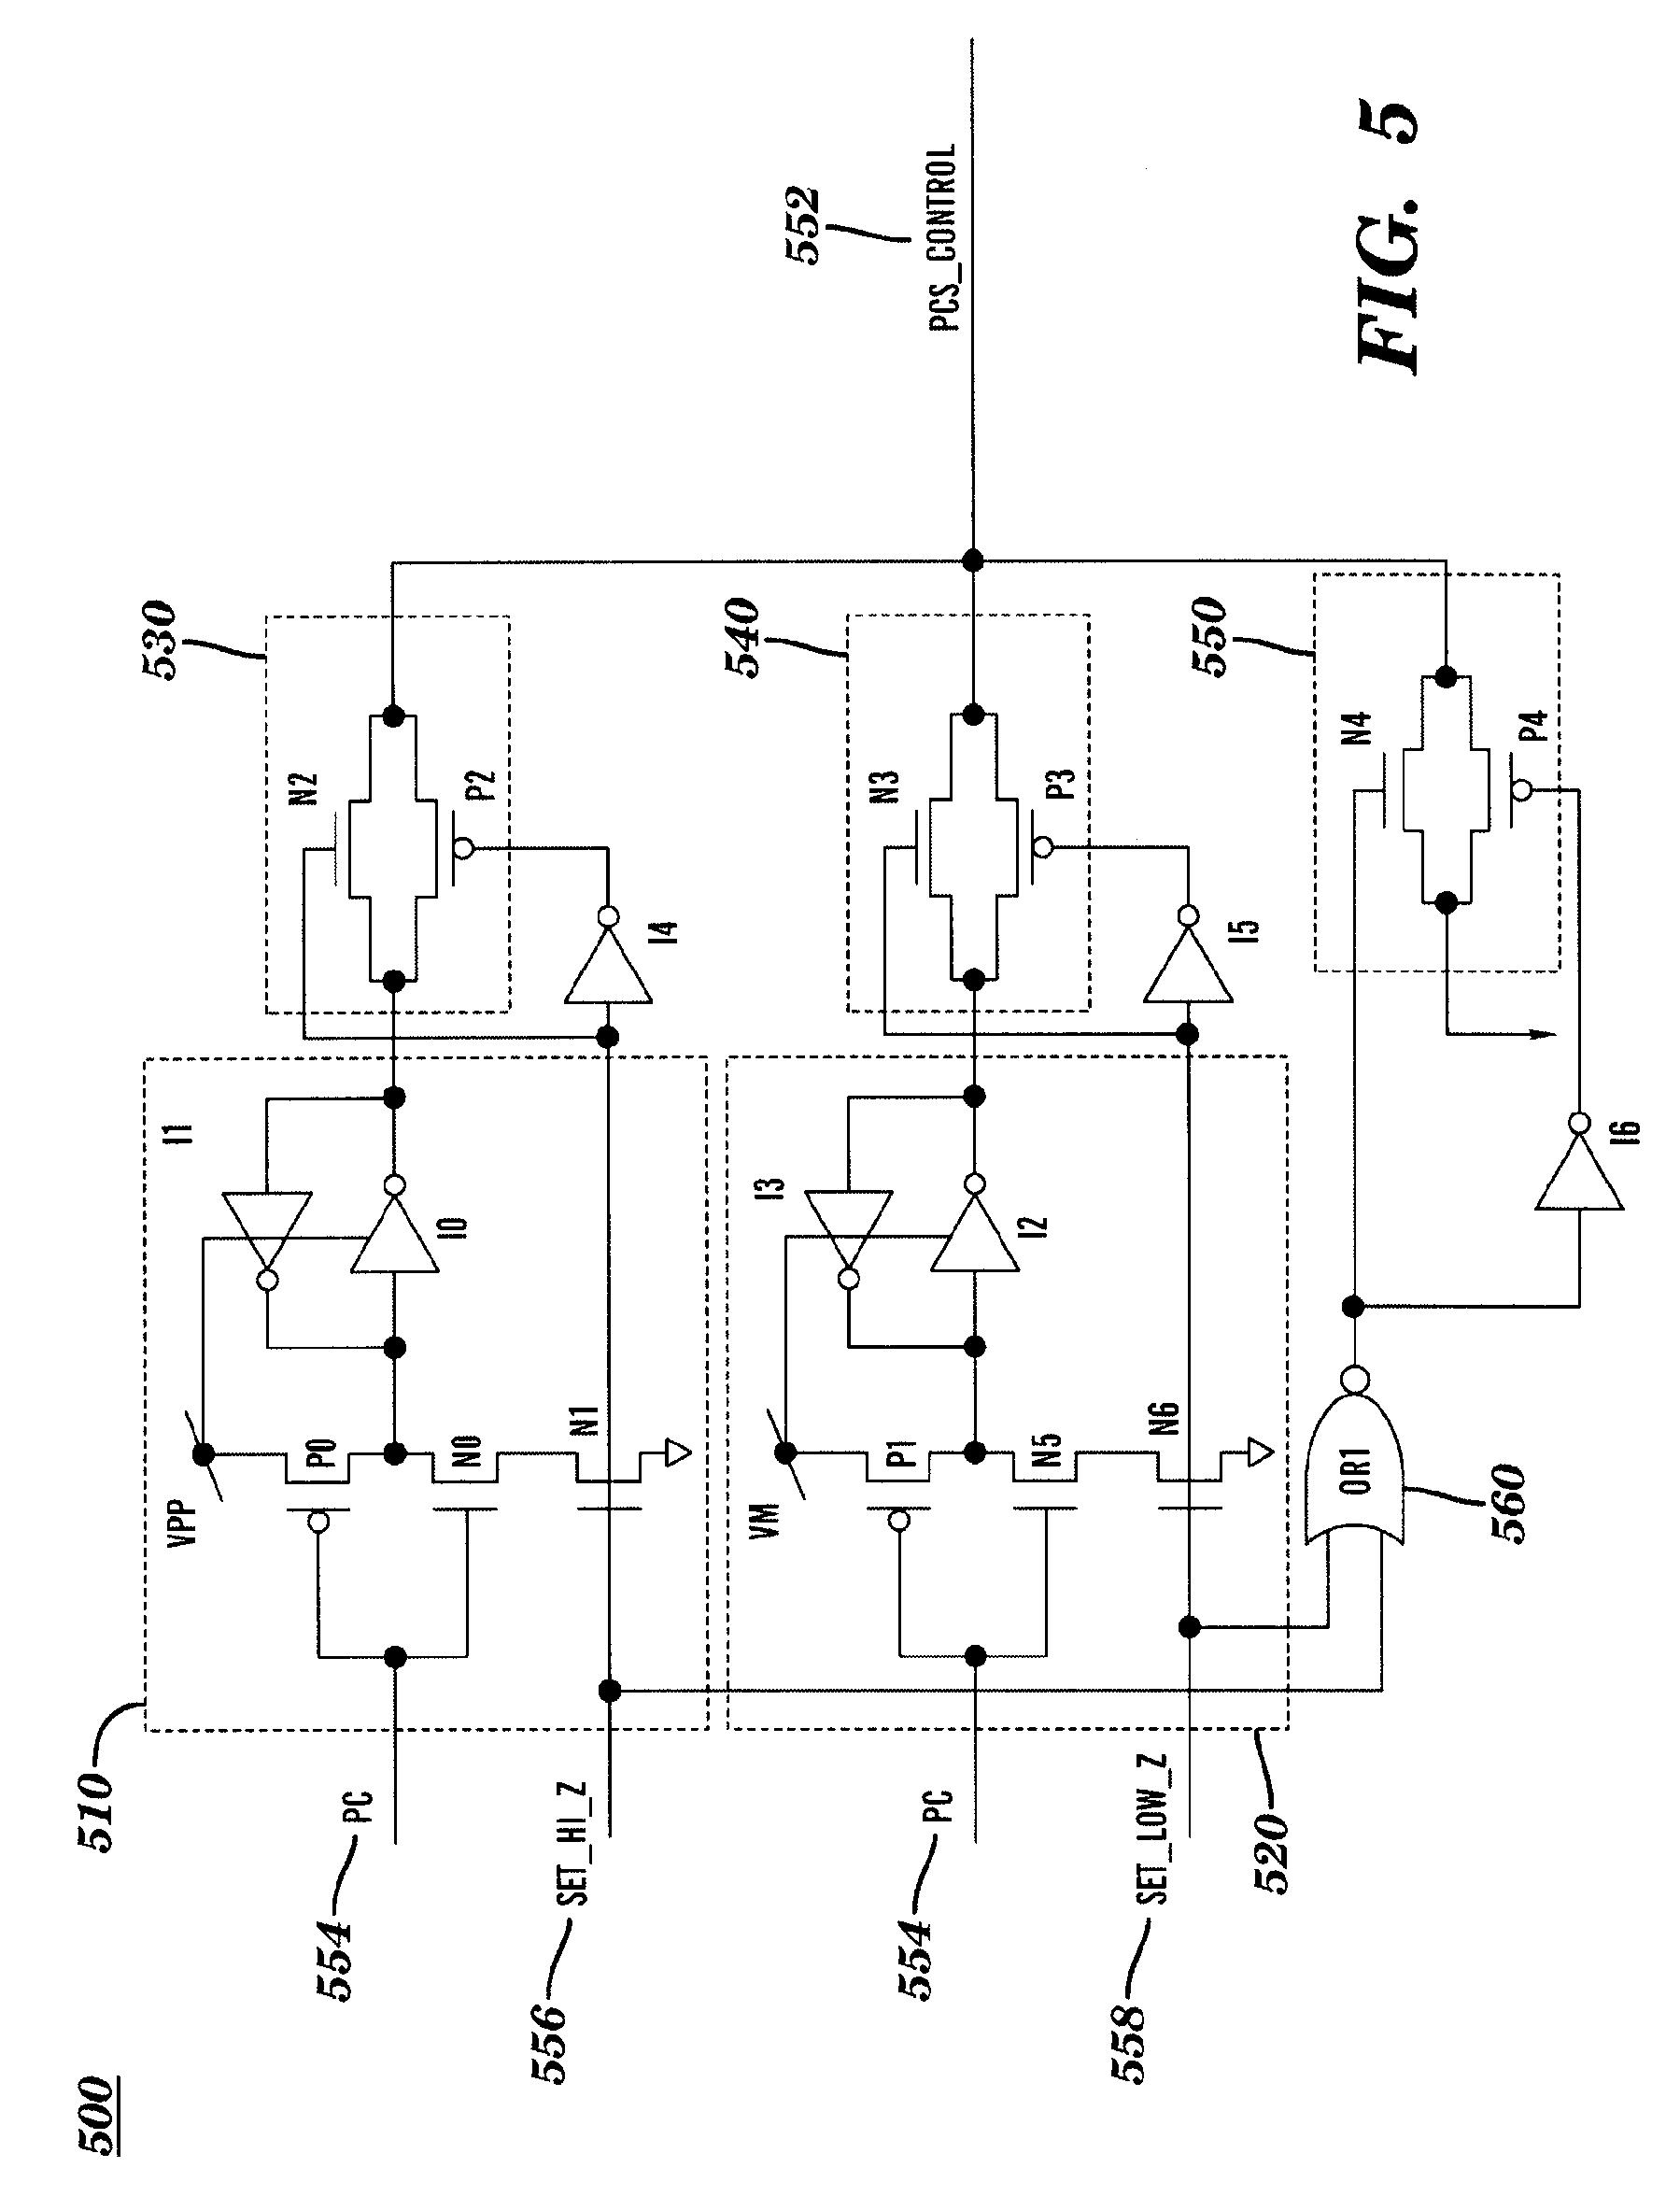 patent us20060097775